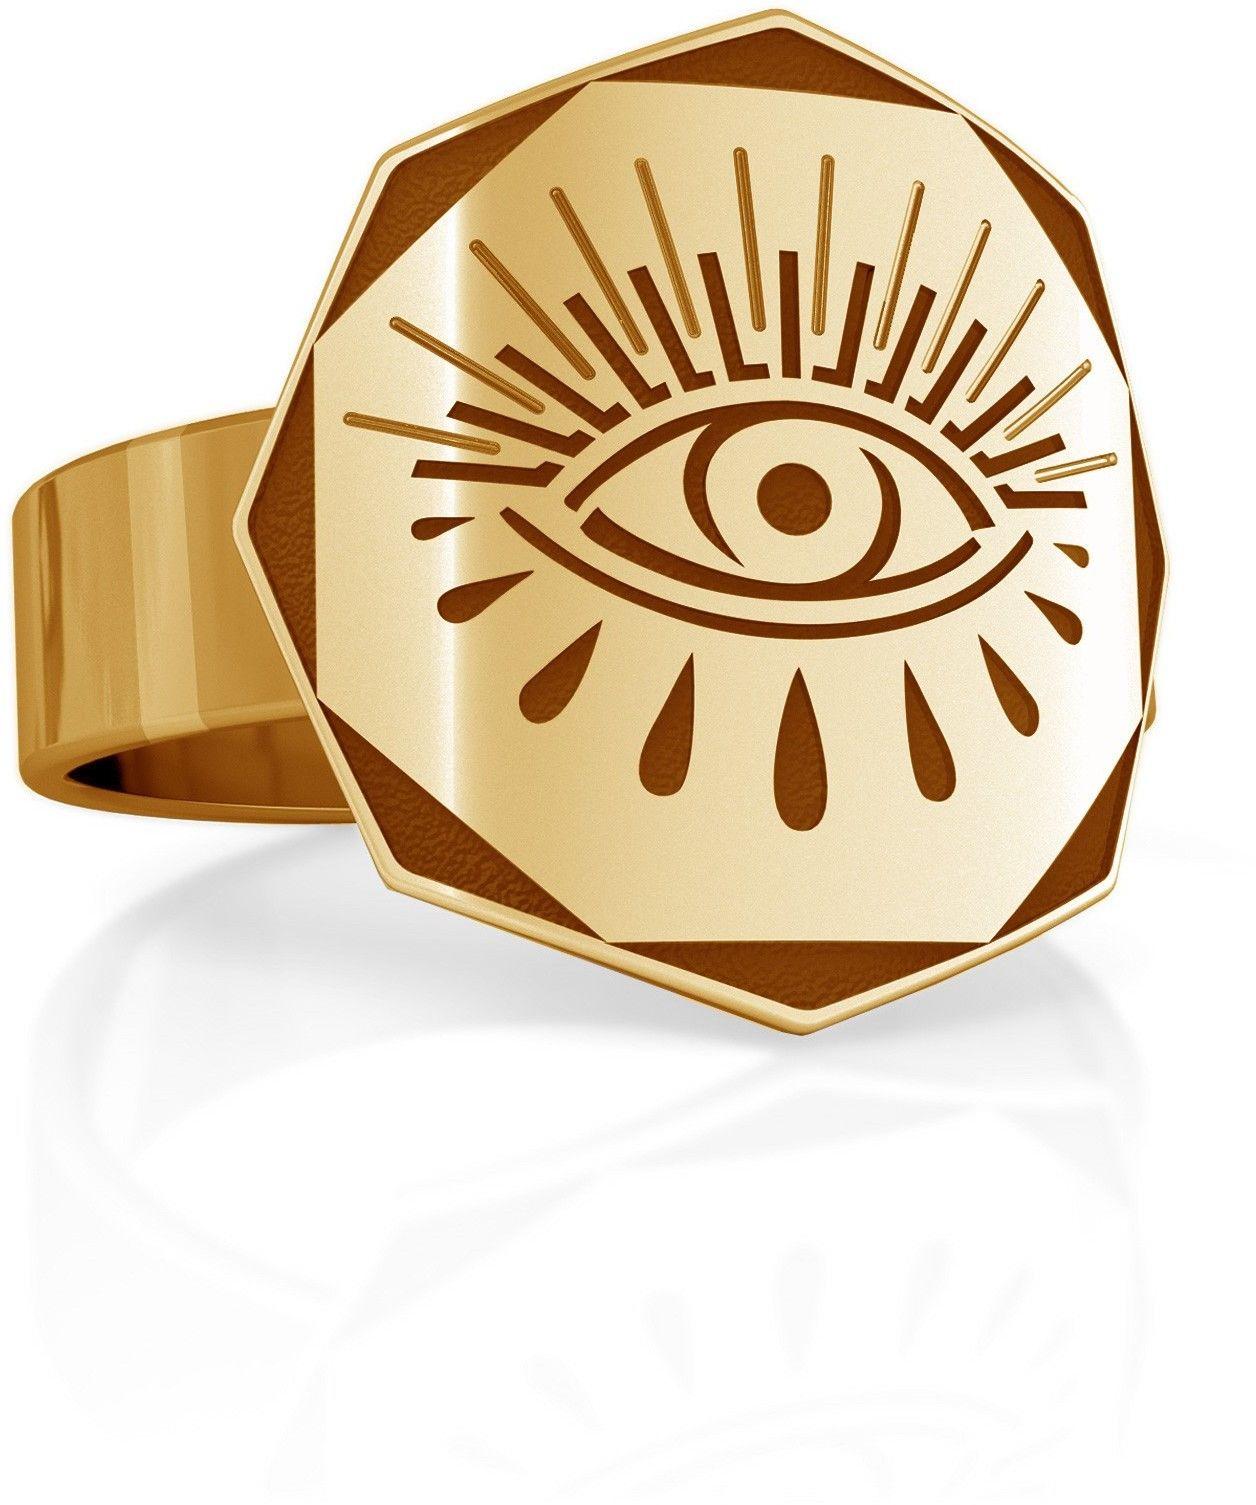 Srebrny sygnet oko Horusa, MON DÉFI, srebro 925 : ROZMIAR PIERŚCIONKA - 15 UK:P 17,33 MM, Srebro - kolor pokrycia - Pokrycie żółtym 18K złotem